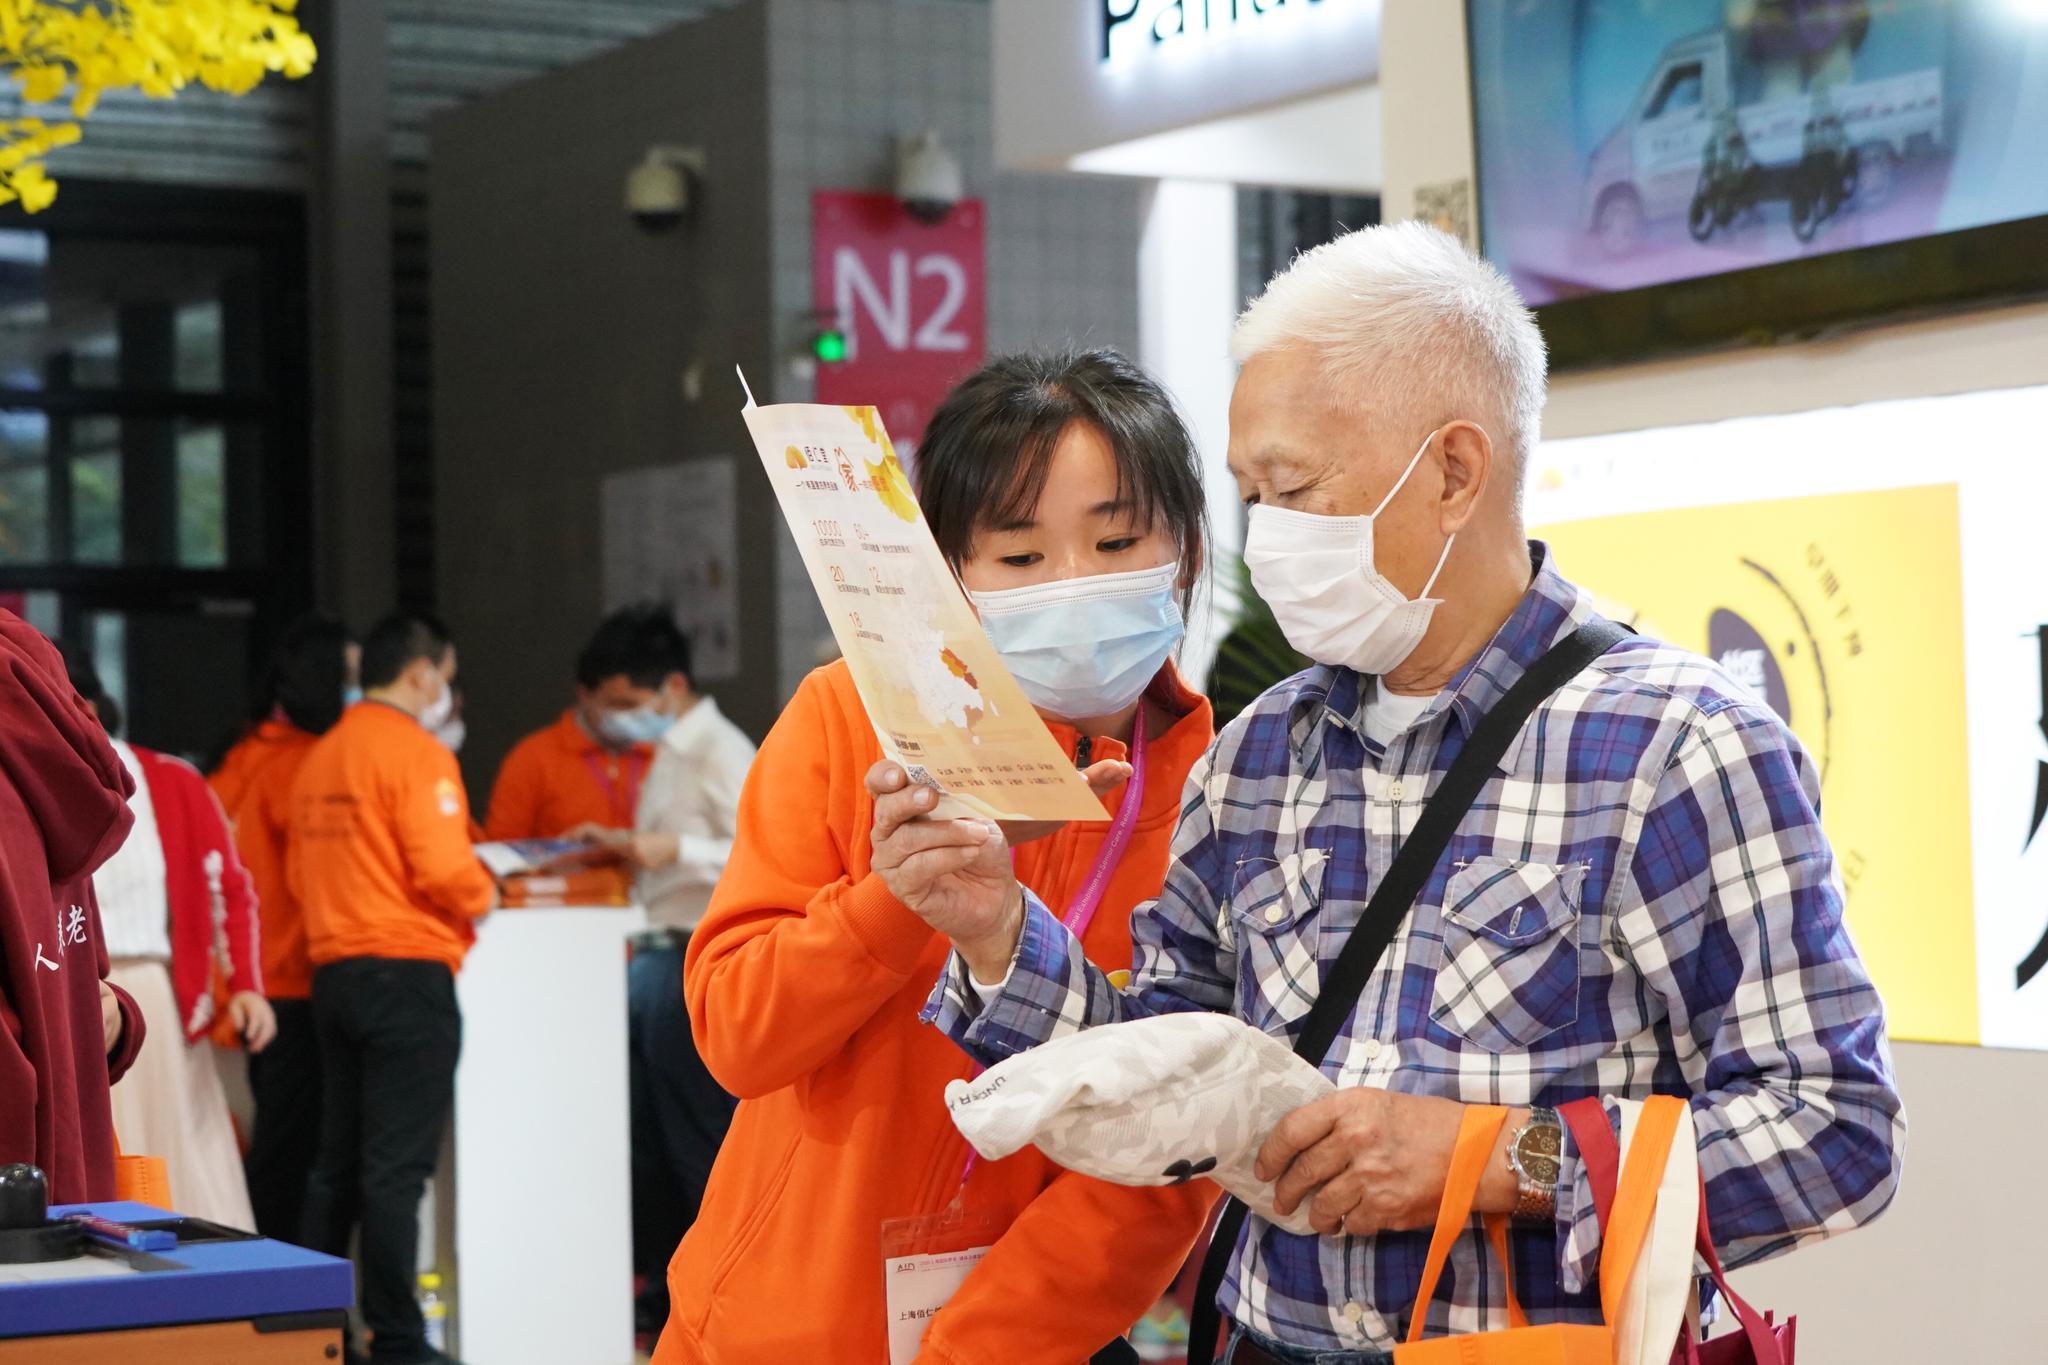 场会现展员作人工老在为正介市民年产适老绍阳(沈品 摄)。